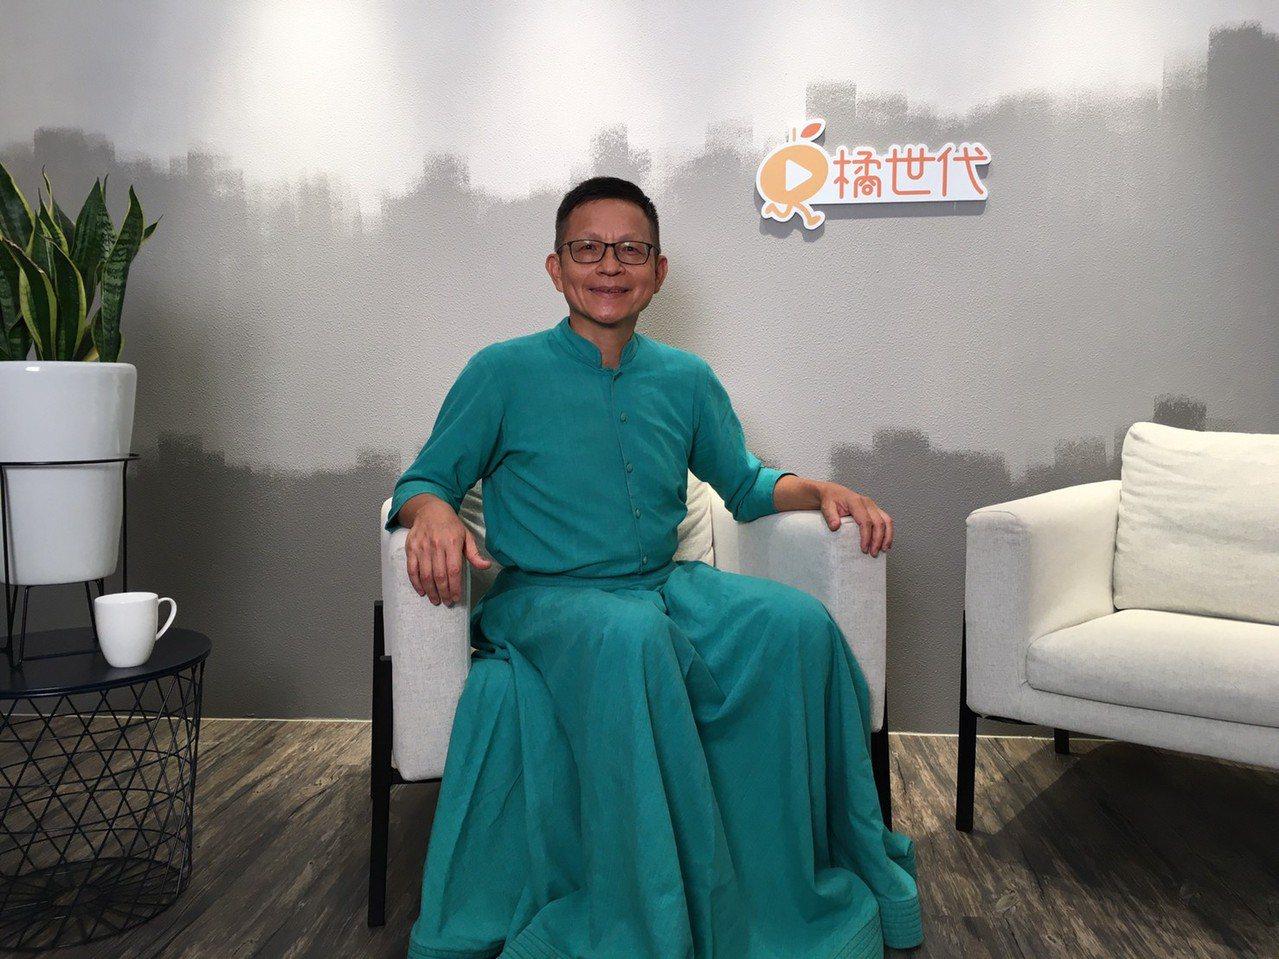 風潮音樂創辦人楊錦聰,在橘世代直播分享60歲後的人生態度。 圖/林如茵攝影